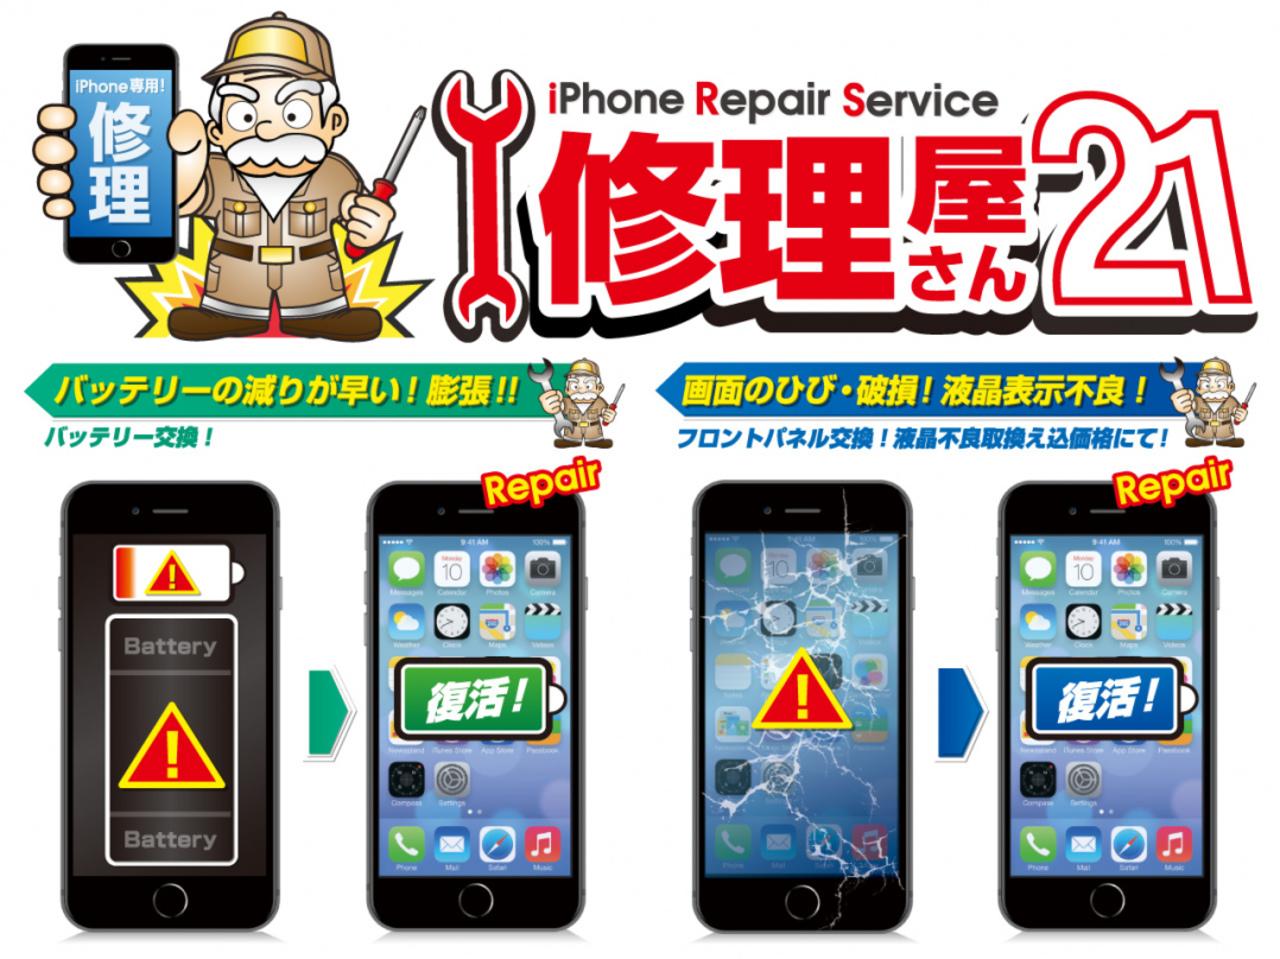 【はんこ屋さん21 稲毛店】iPhone修理サービスの受付スタートしました